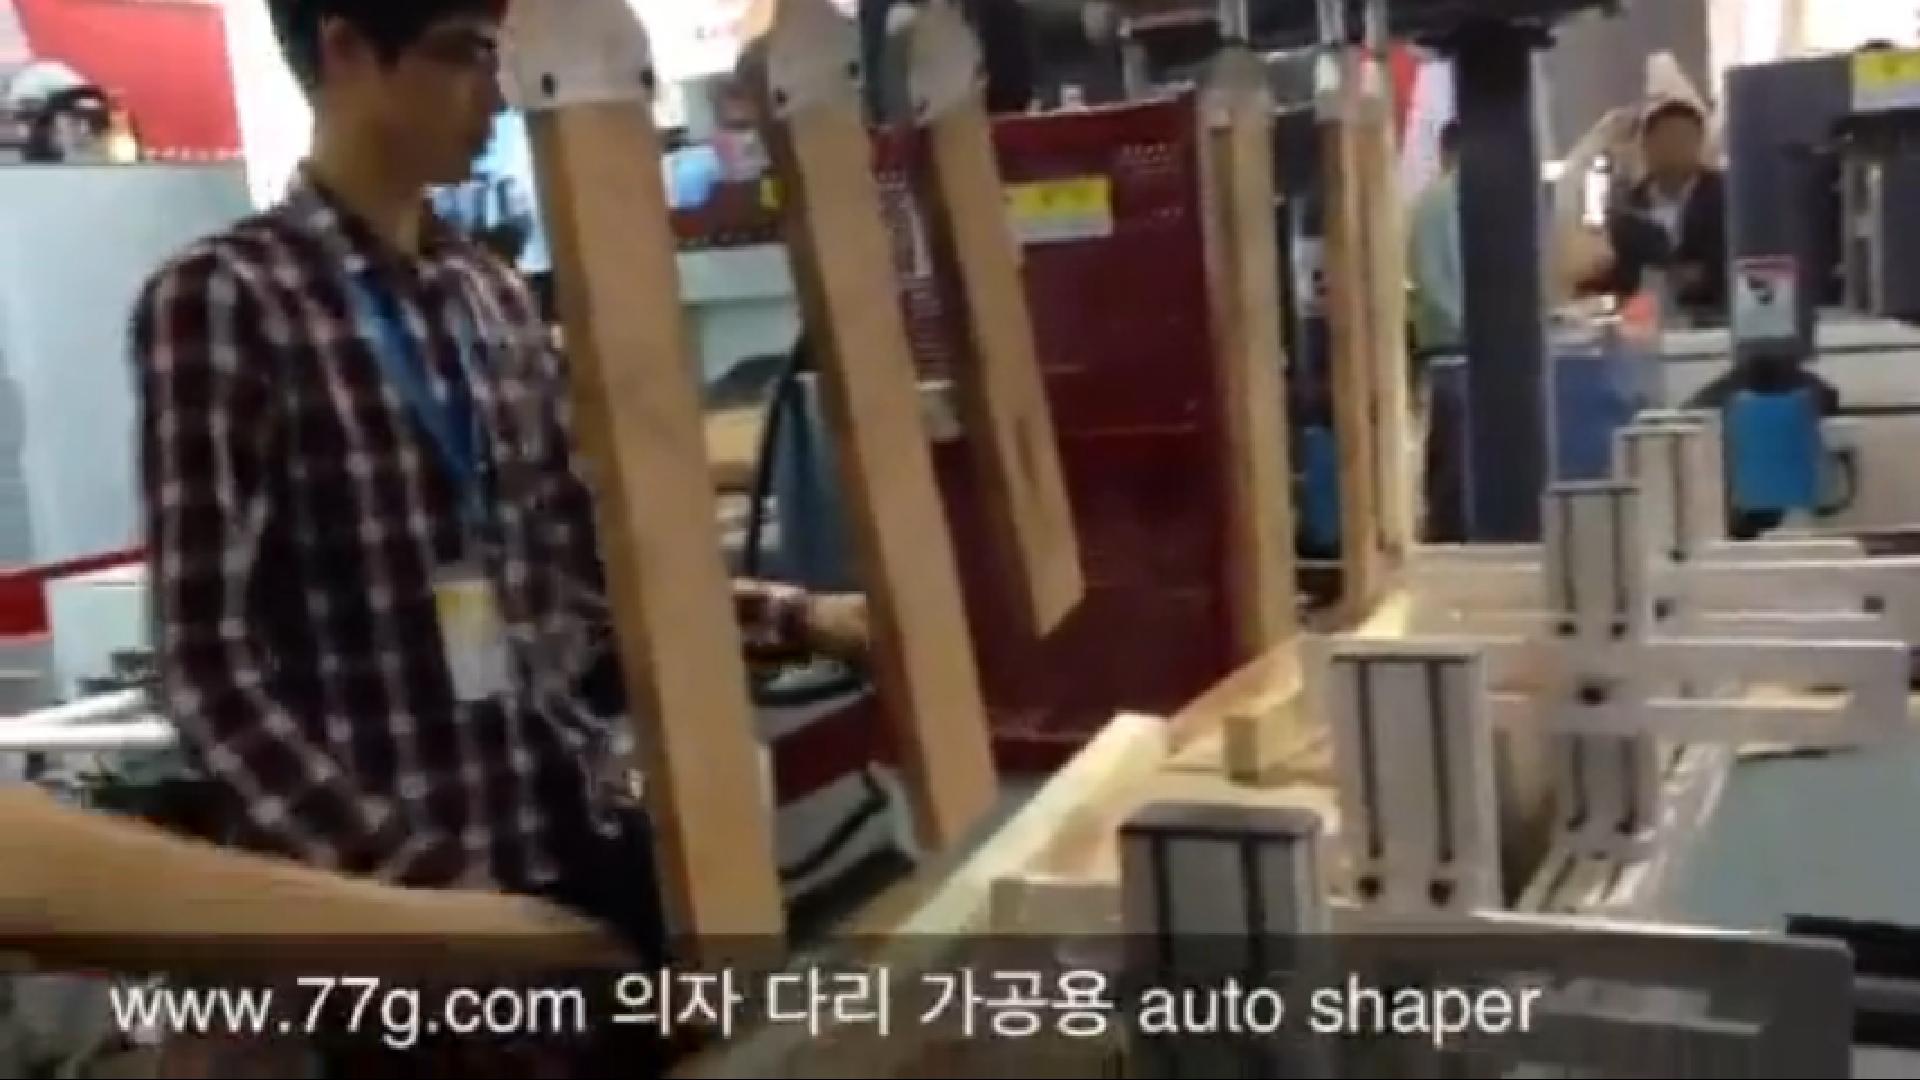 목공기계 공부-오토 쉐이퍼 auto molder 쇼파의자다리 가공용